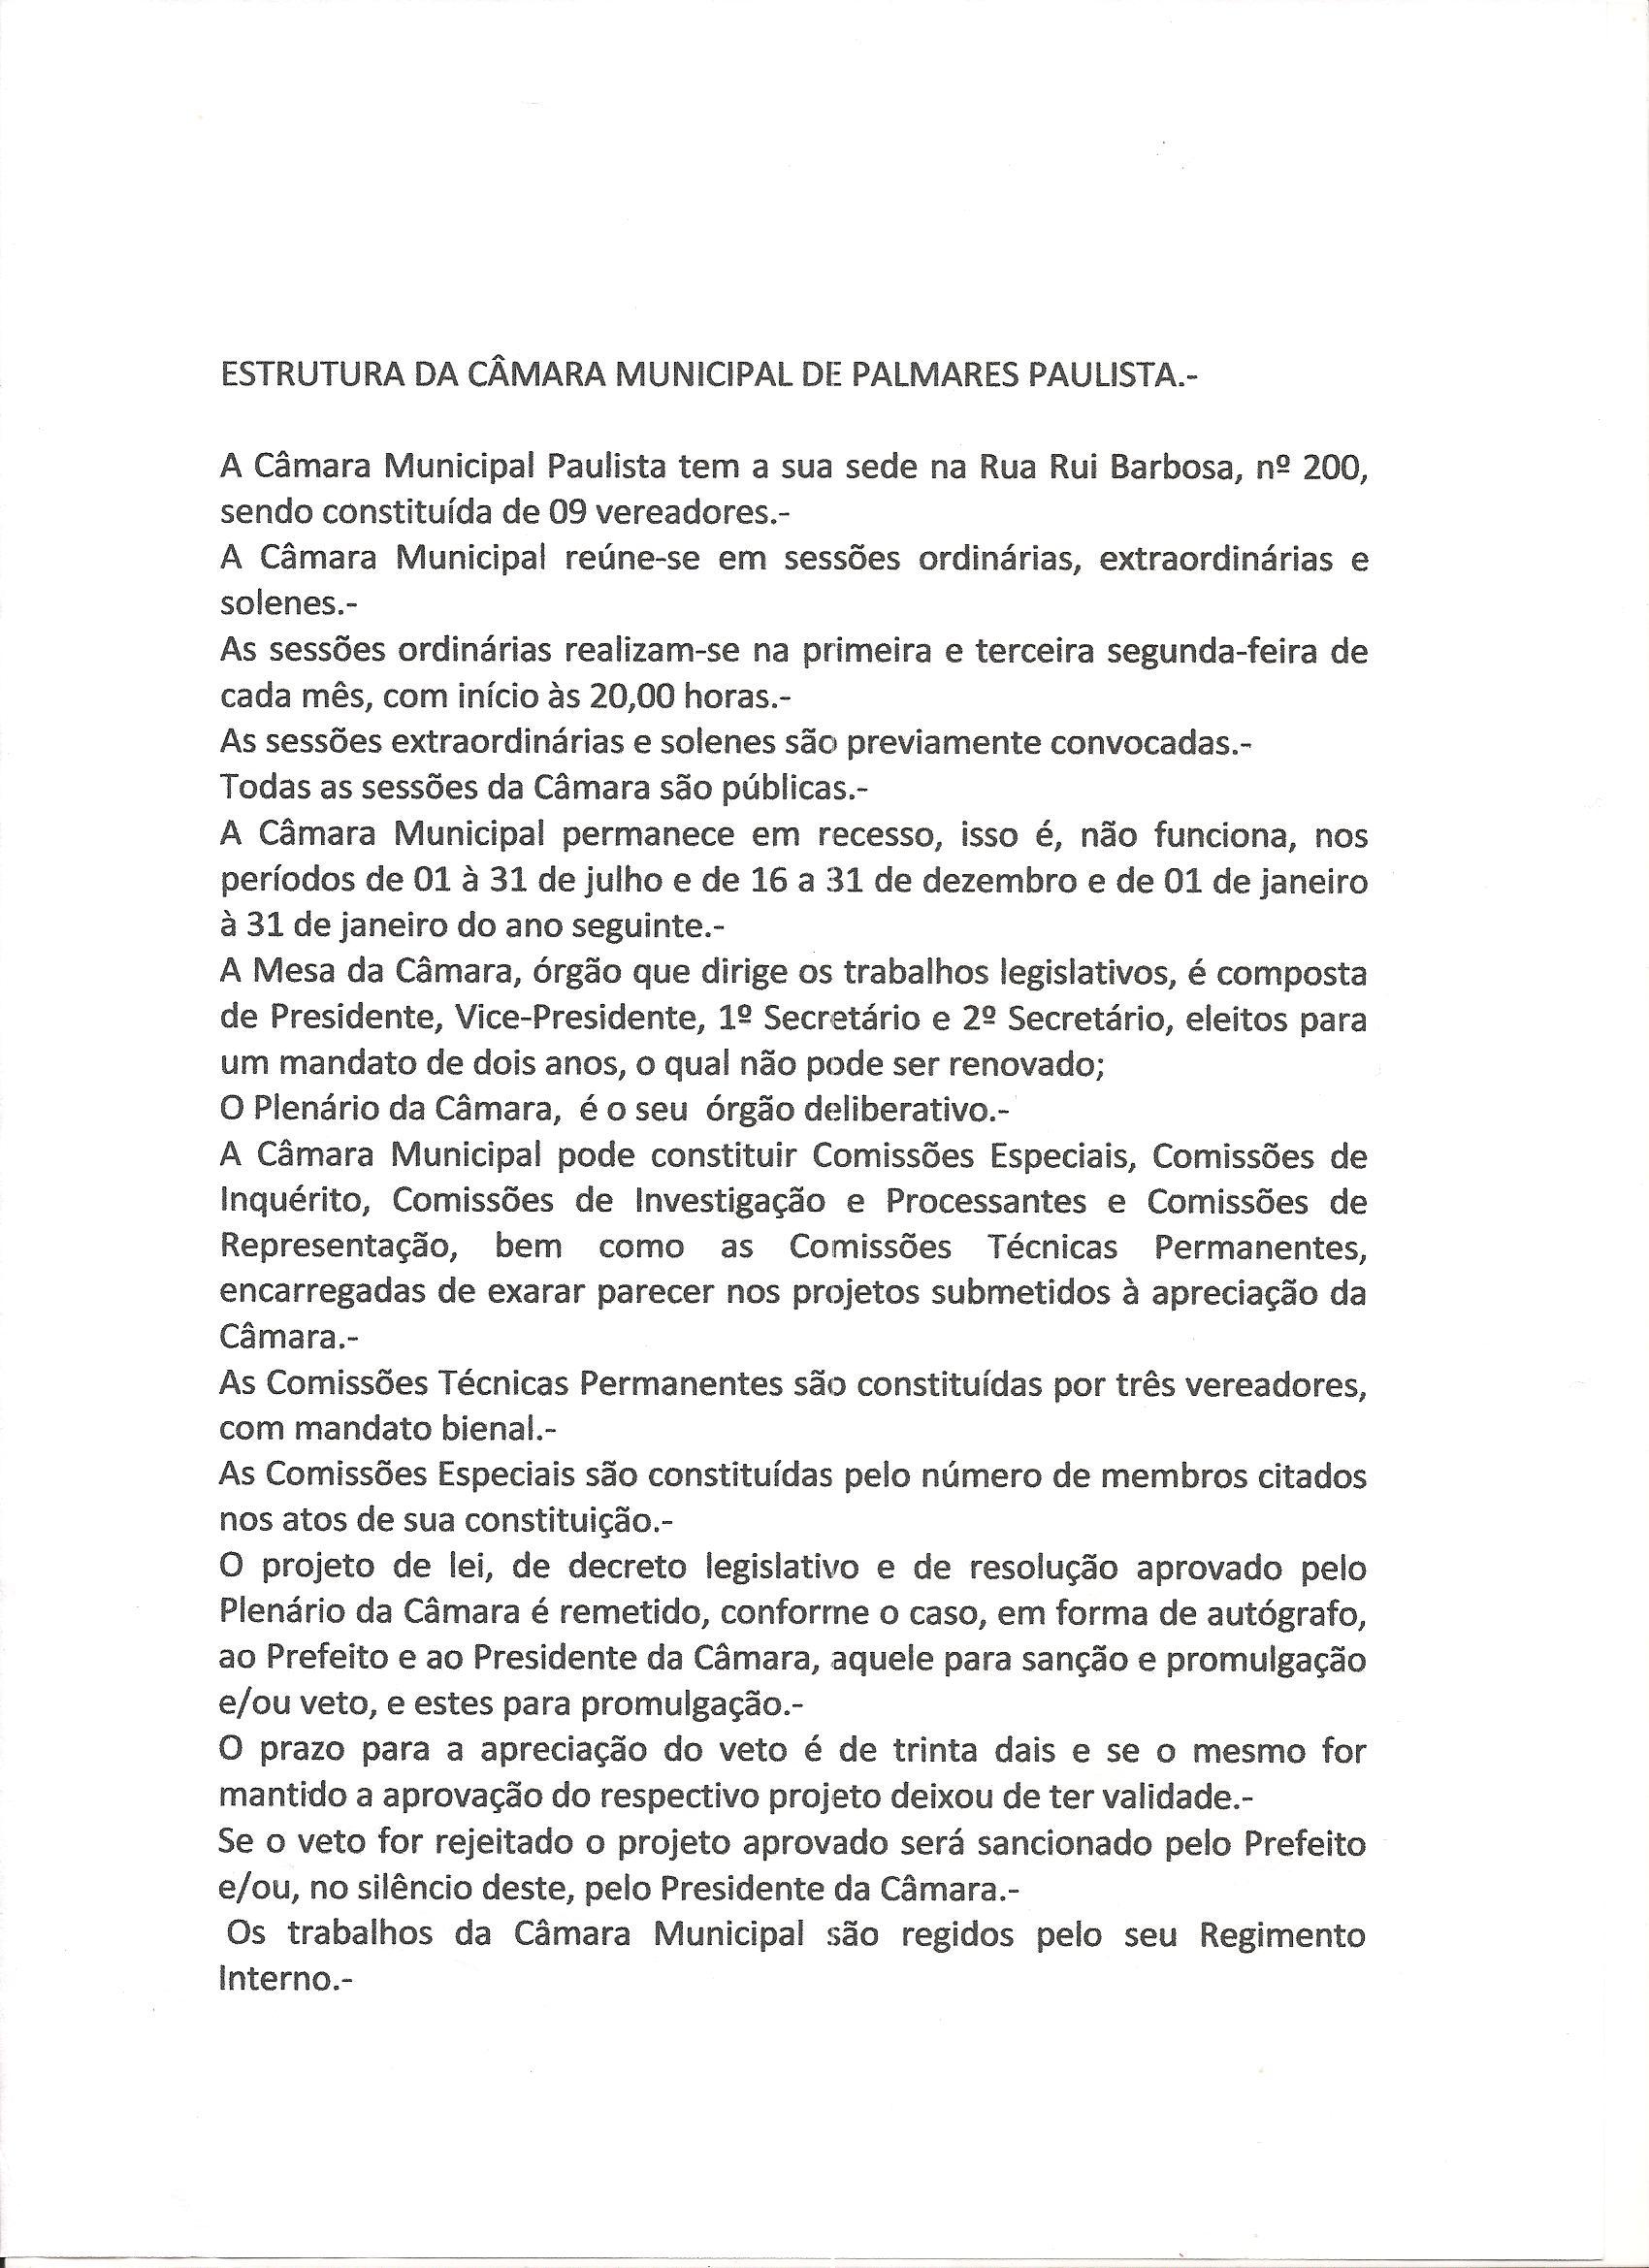 estrutura-da-camara-municipal-de-palmares-paulista